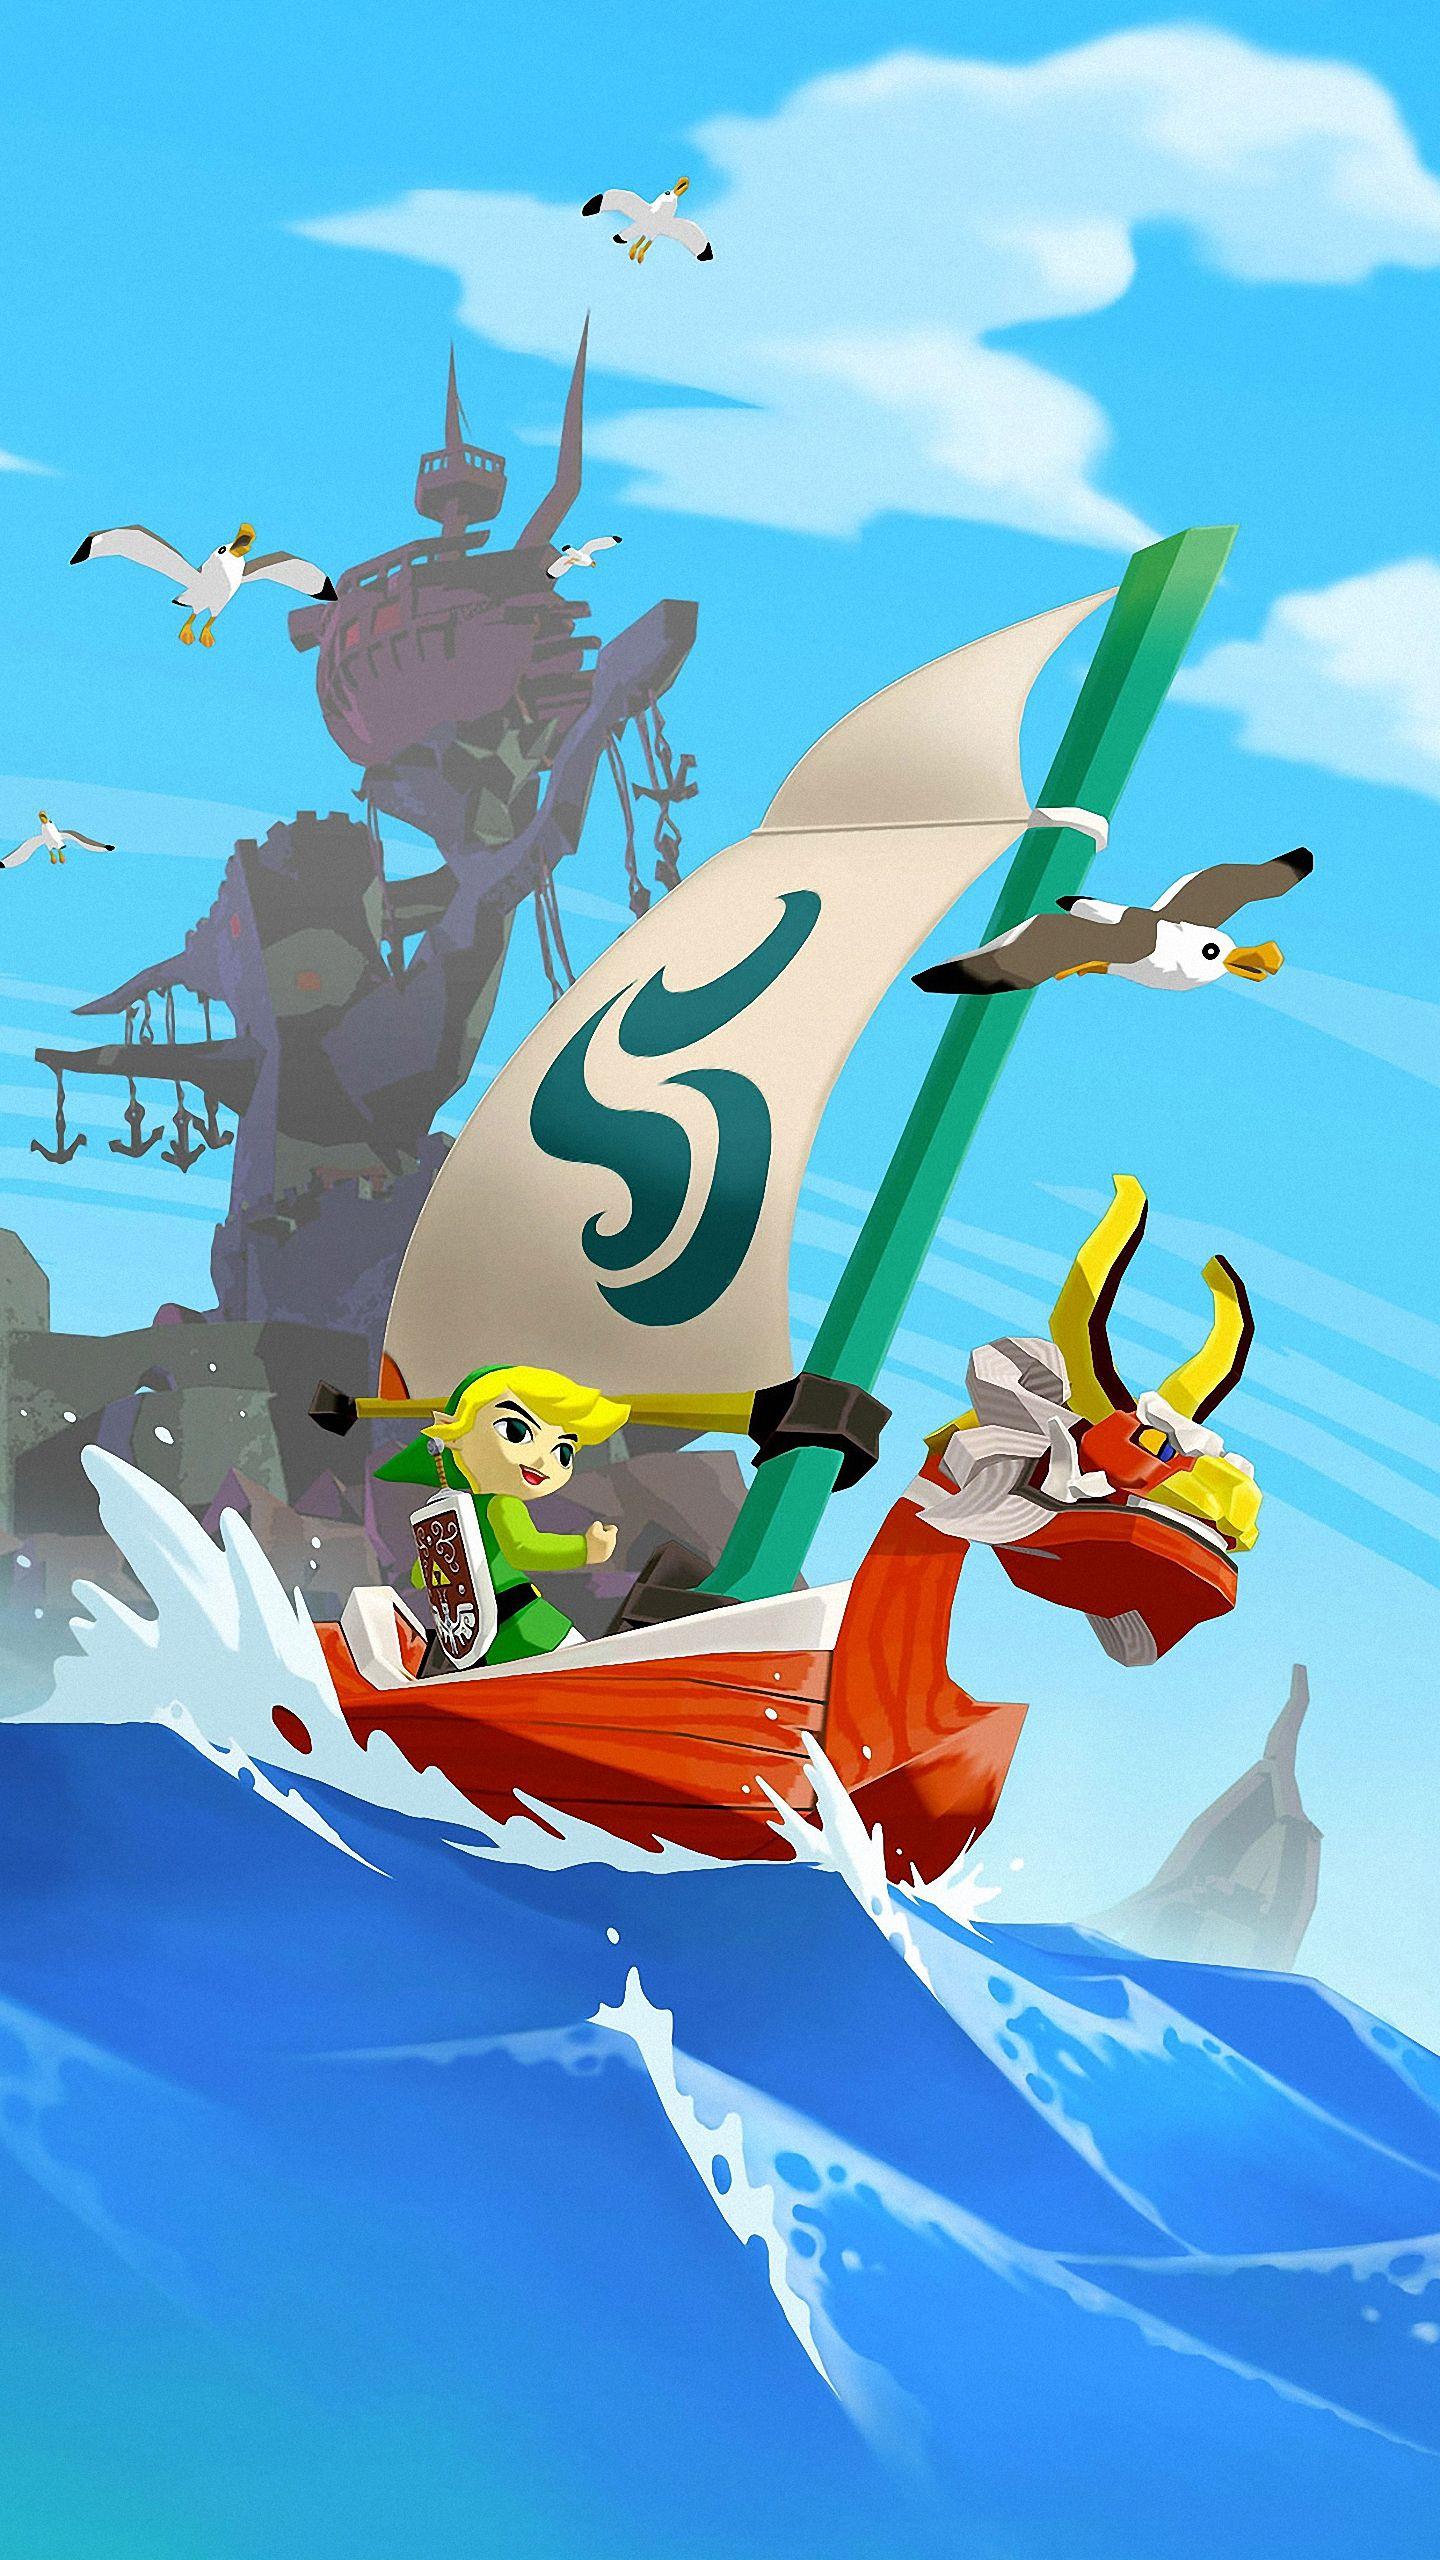 Zelda iphone wallpaper tumblr - Zelda Iphone Wallpaper Live Zelda Iphone Pictures Pc